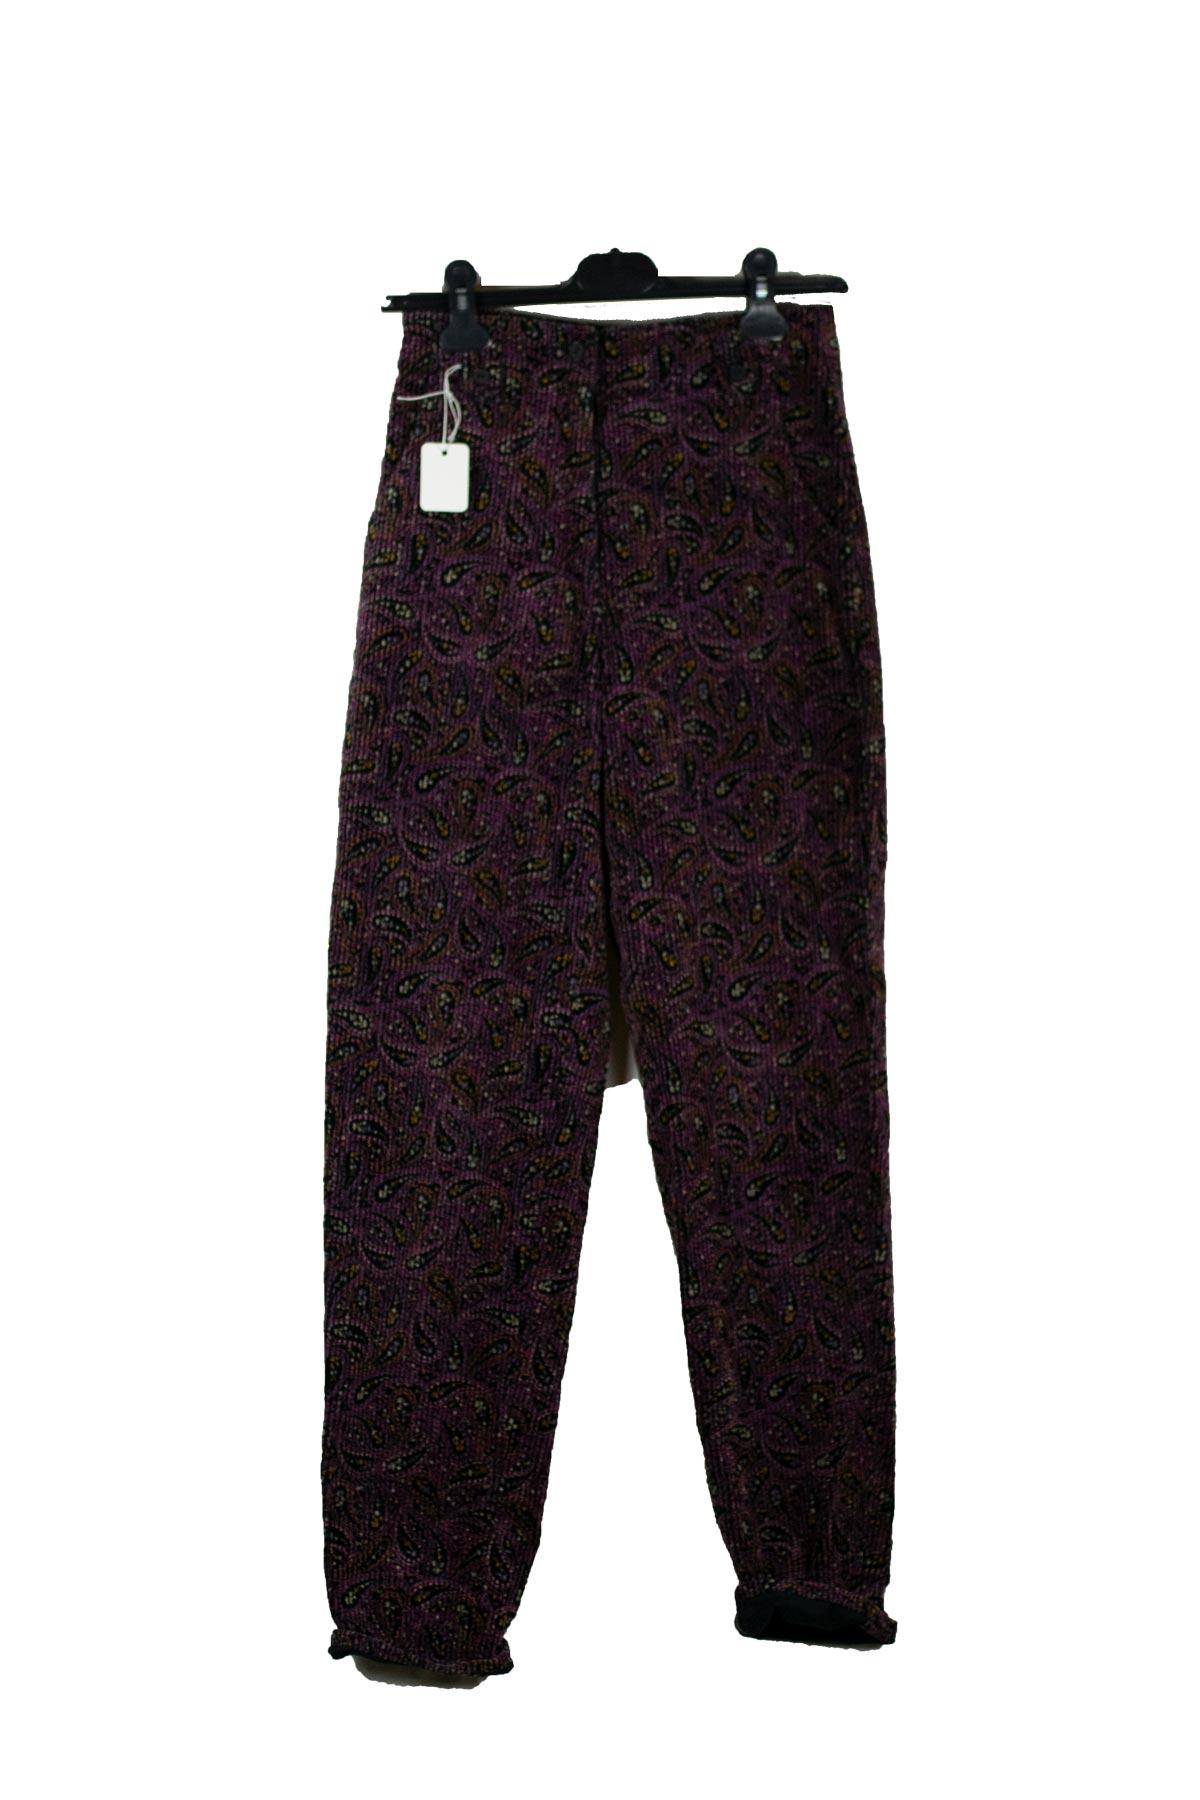 Pantalon Retro